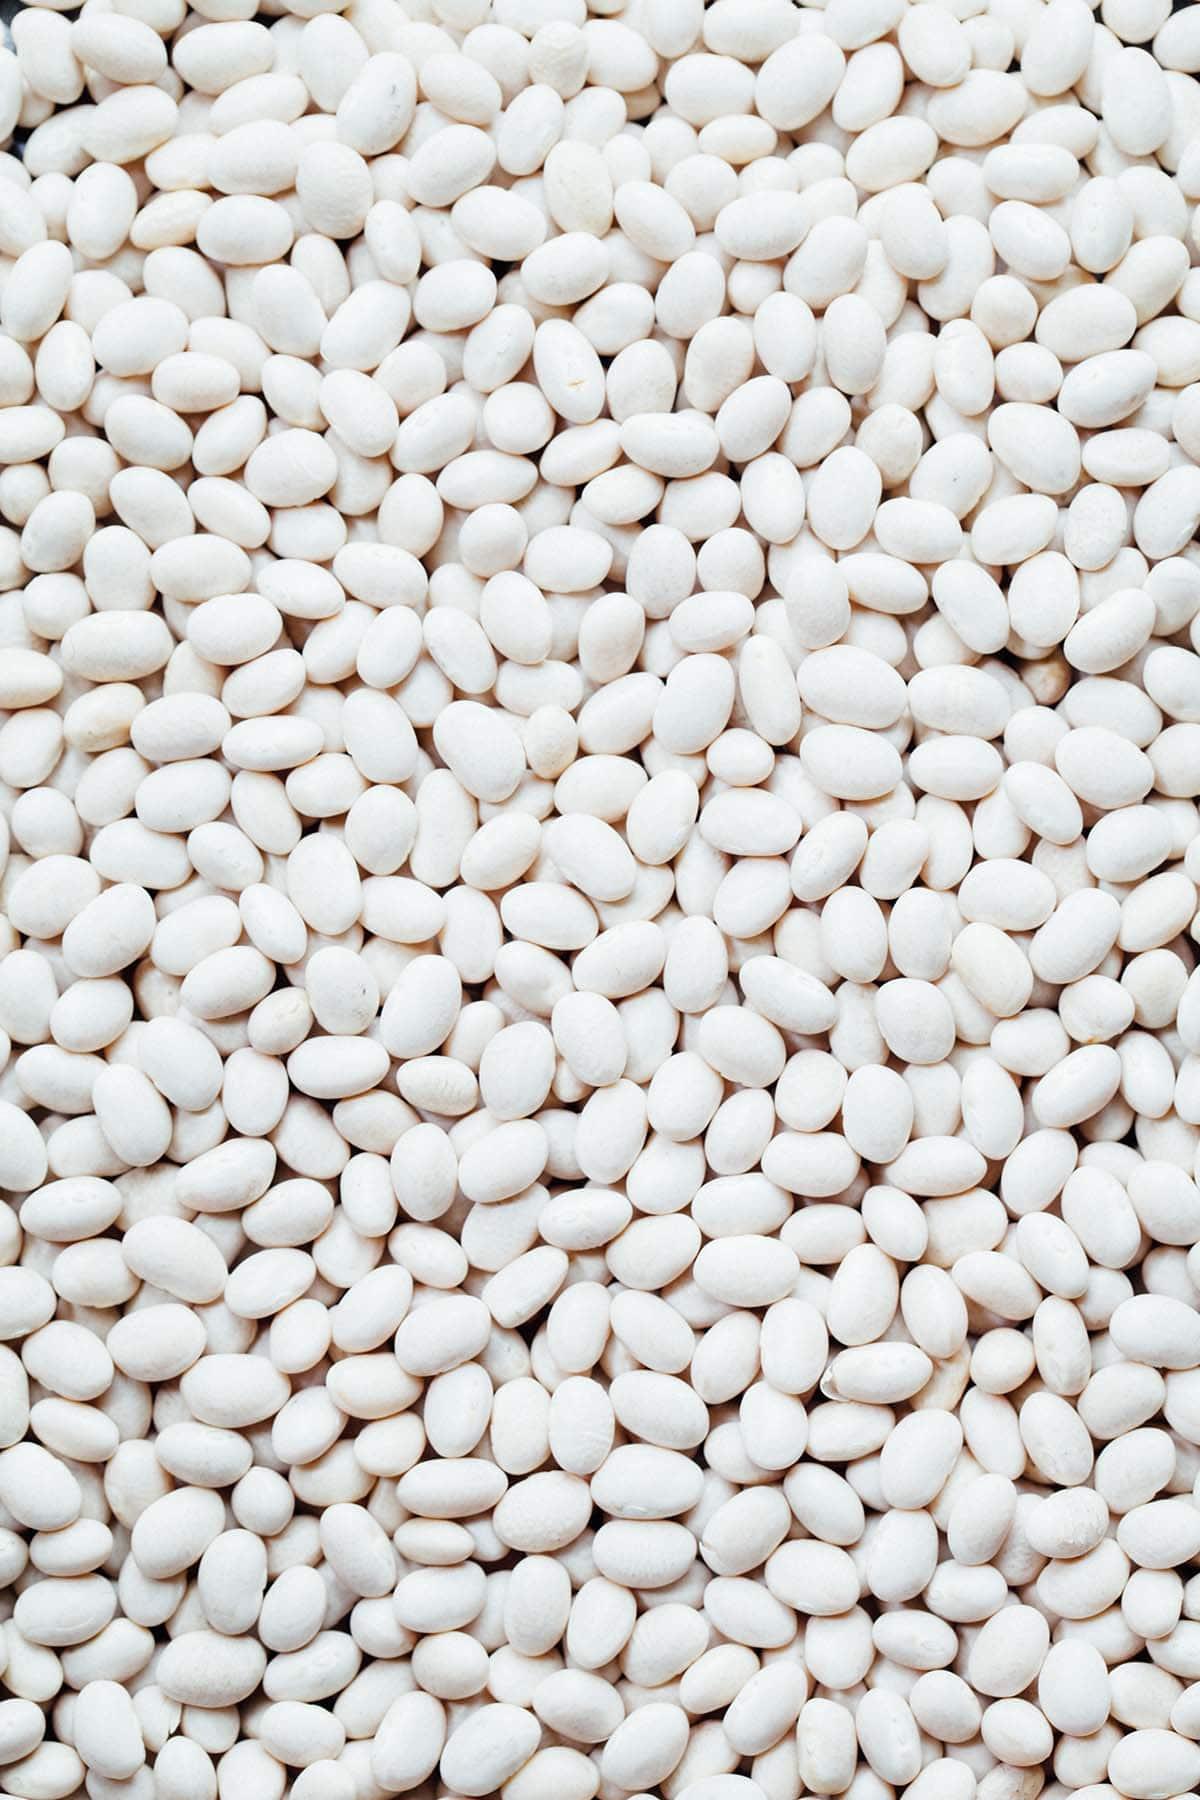 Dry white beans.